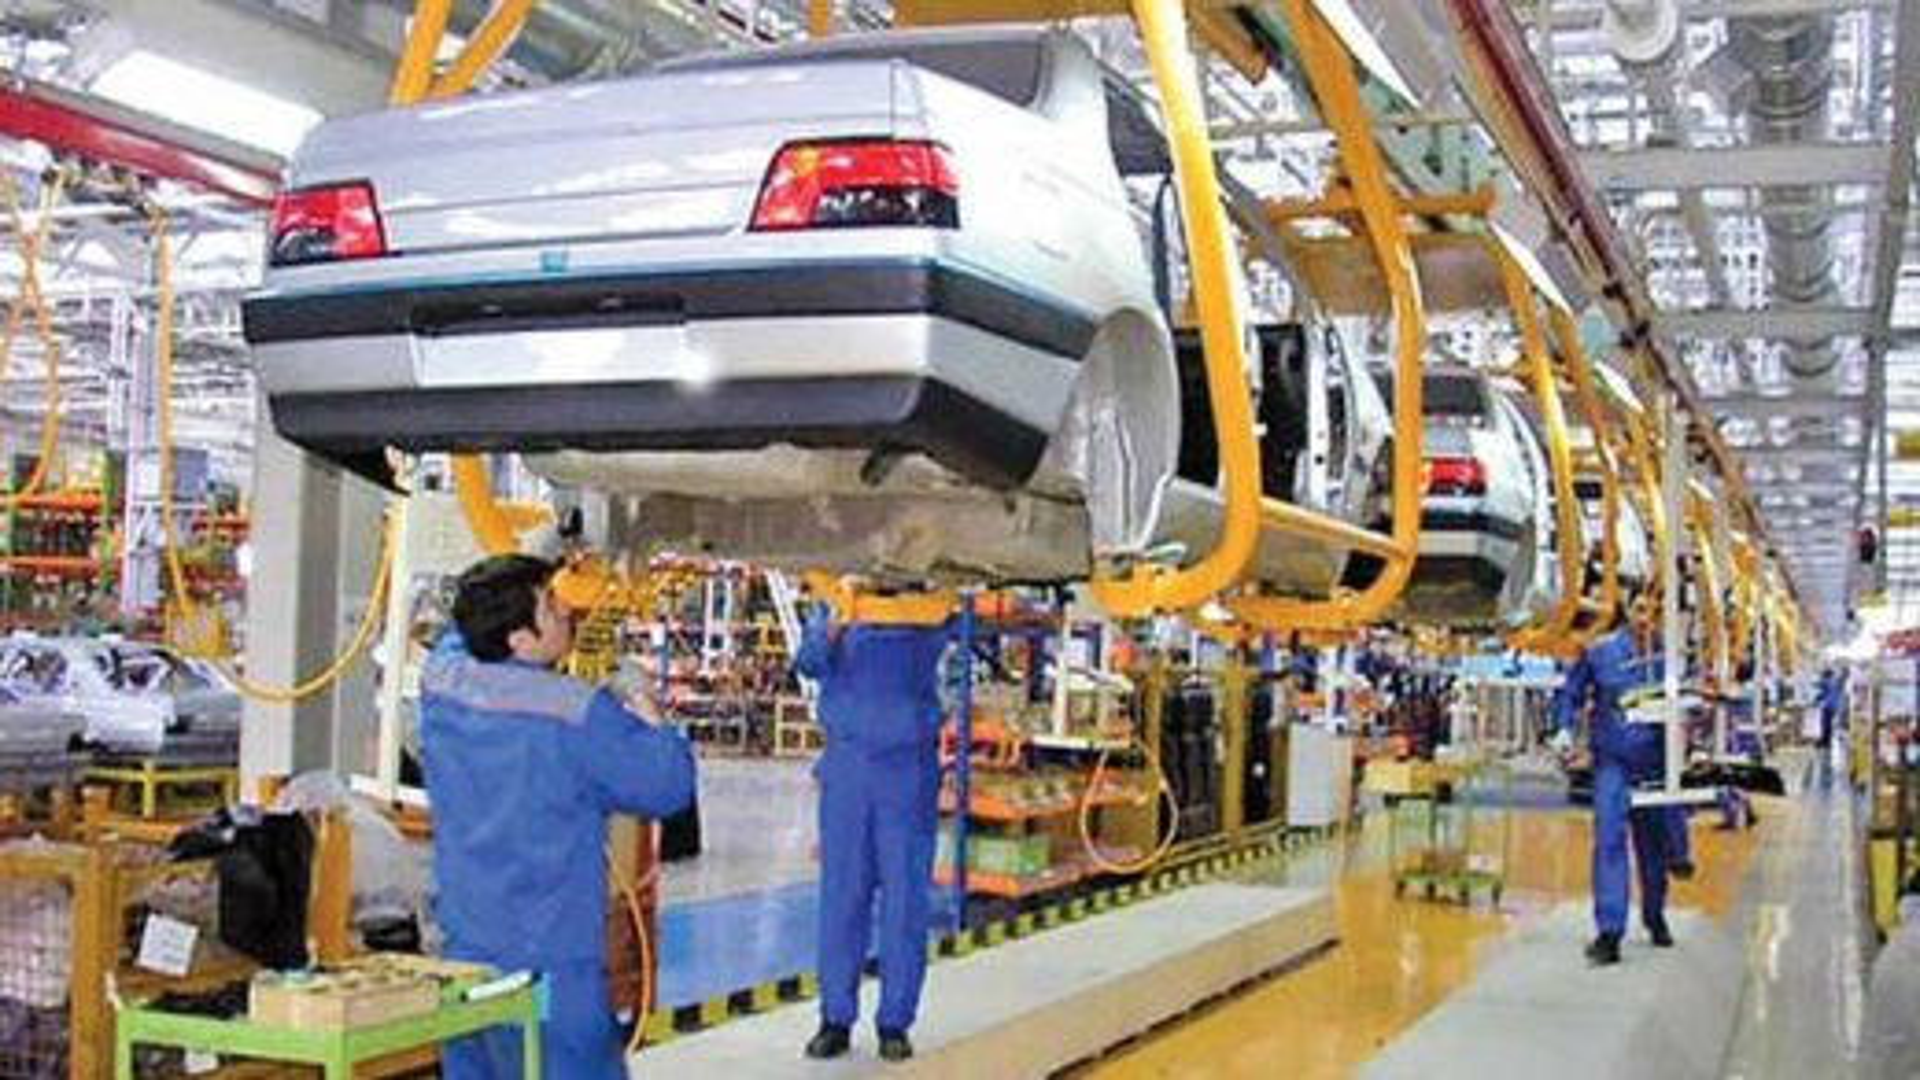 خودروسازی سایپا | تگ